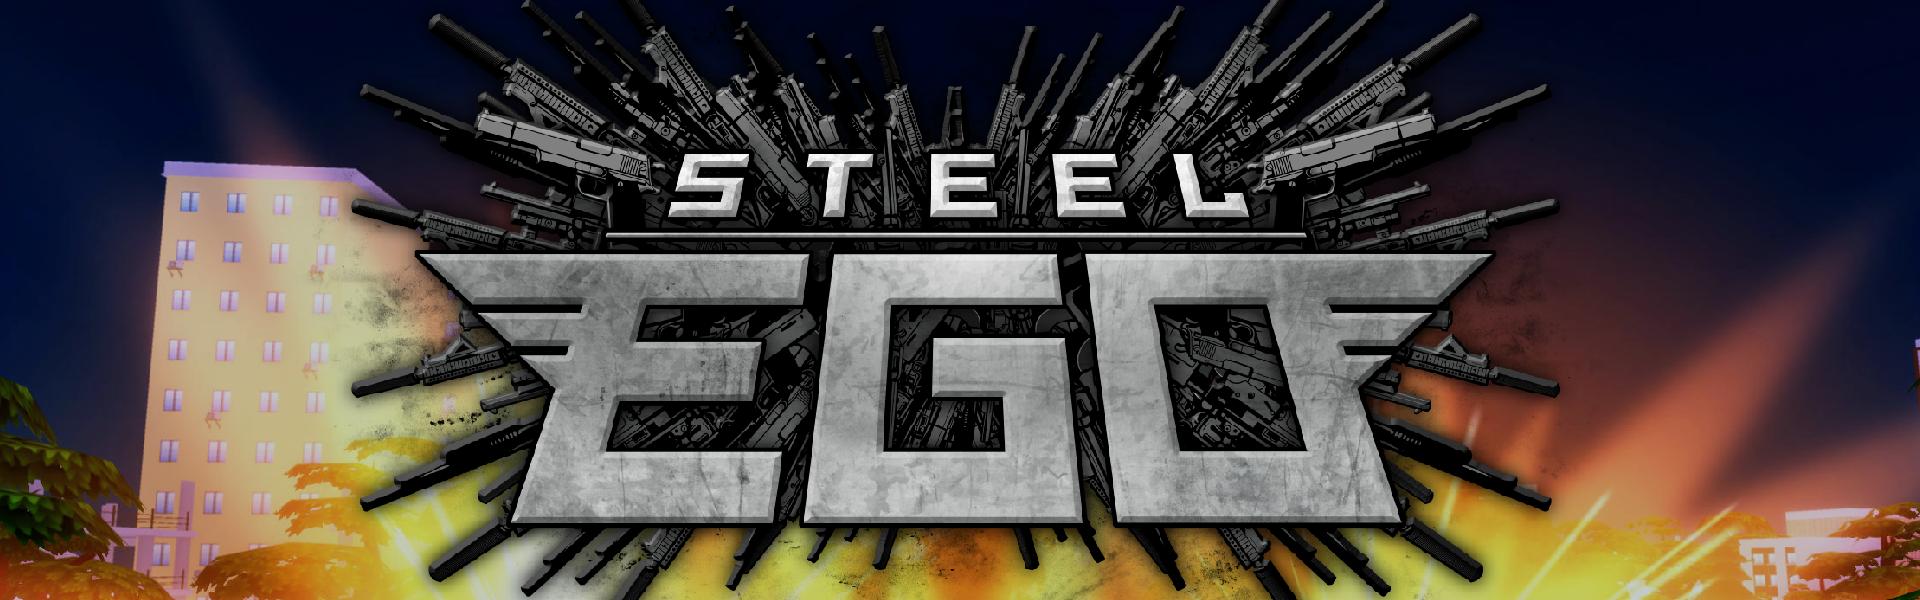 Steel Ego